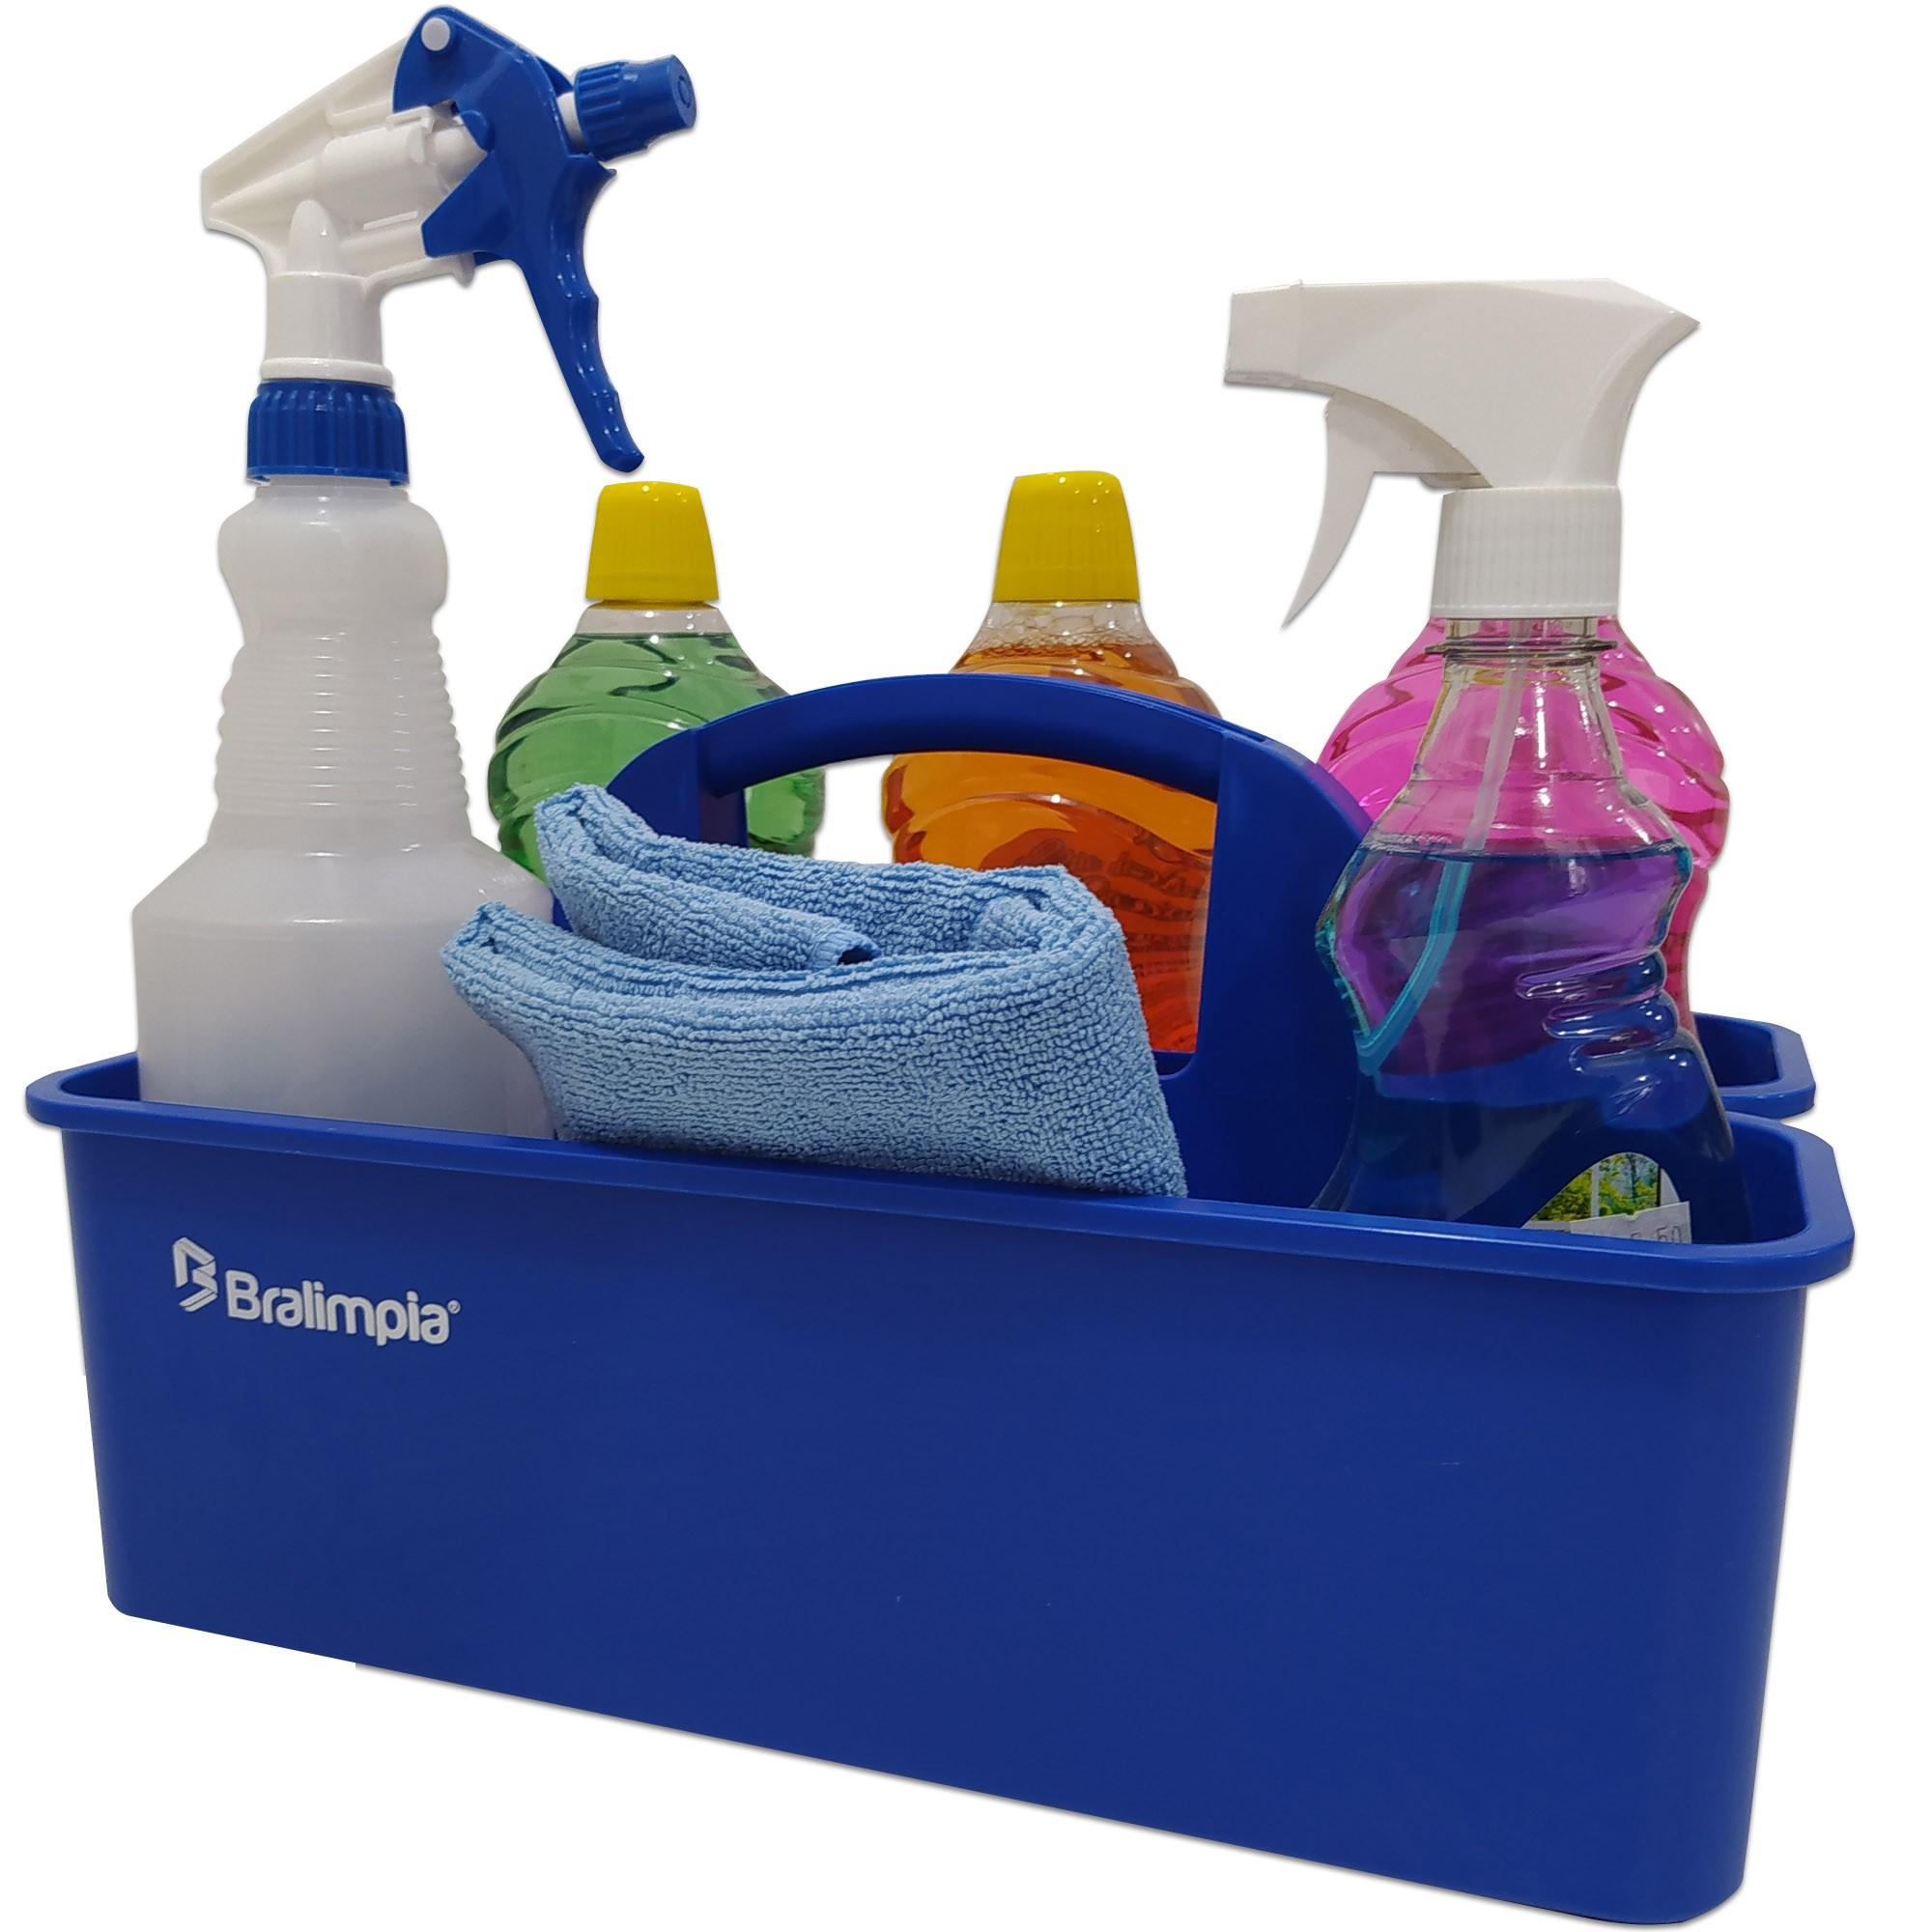 Cesto Funcional E Organizador De Produtos Limpeza Bralimpia